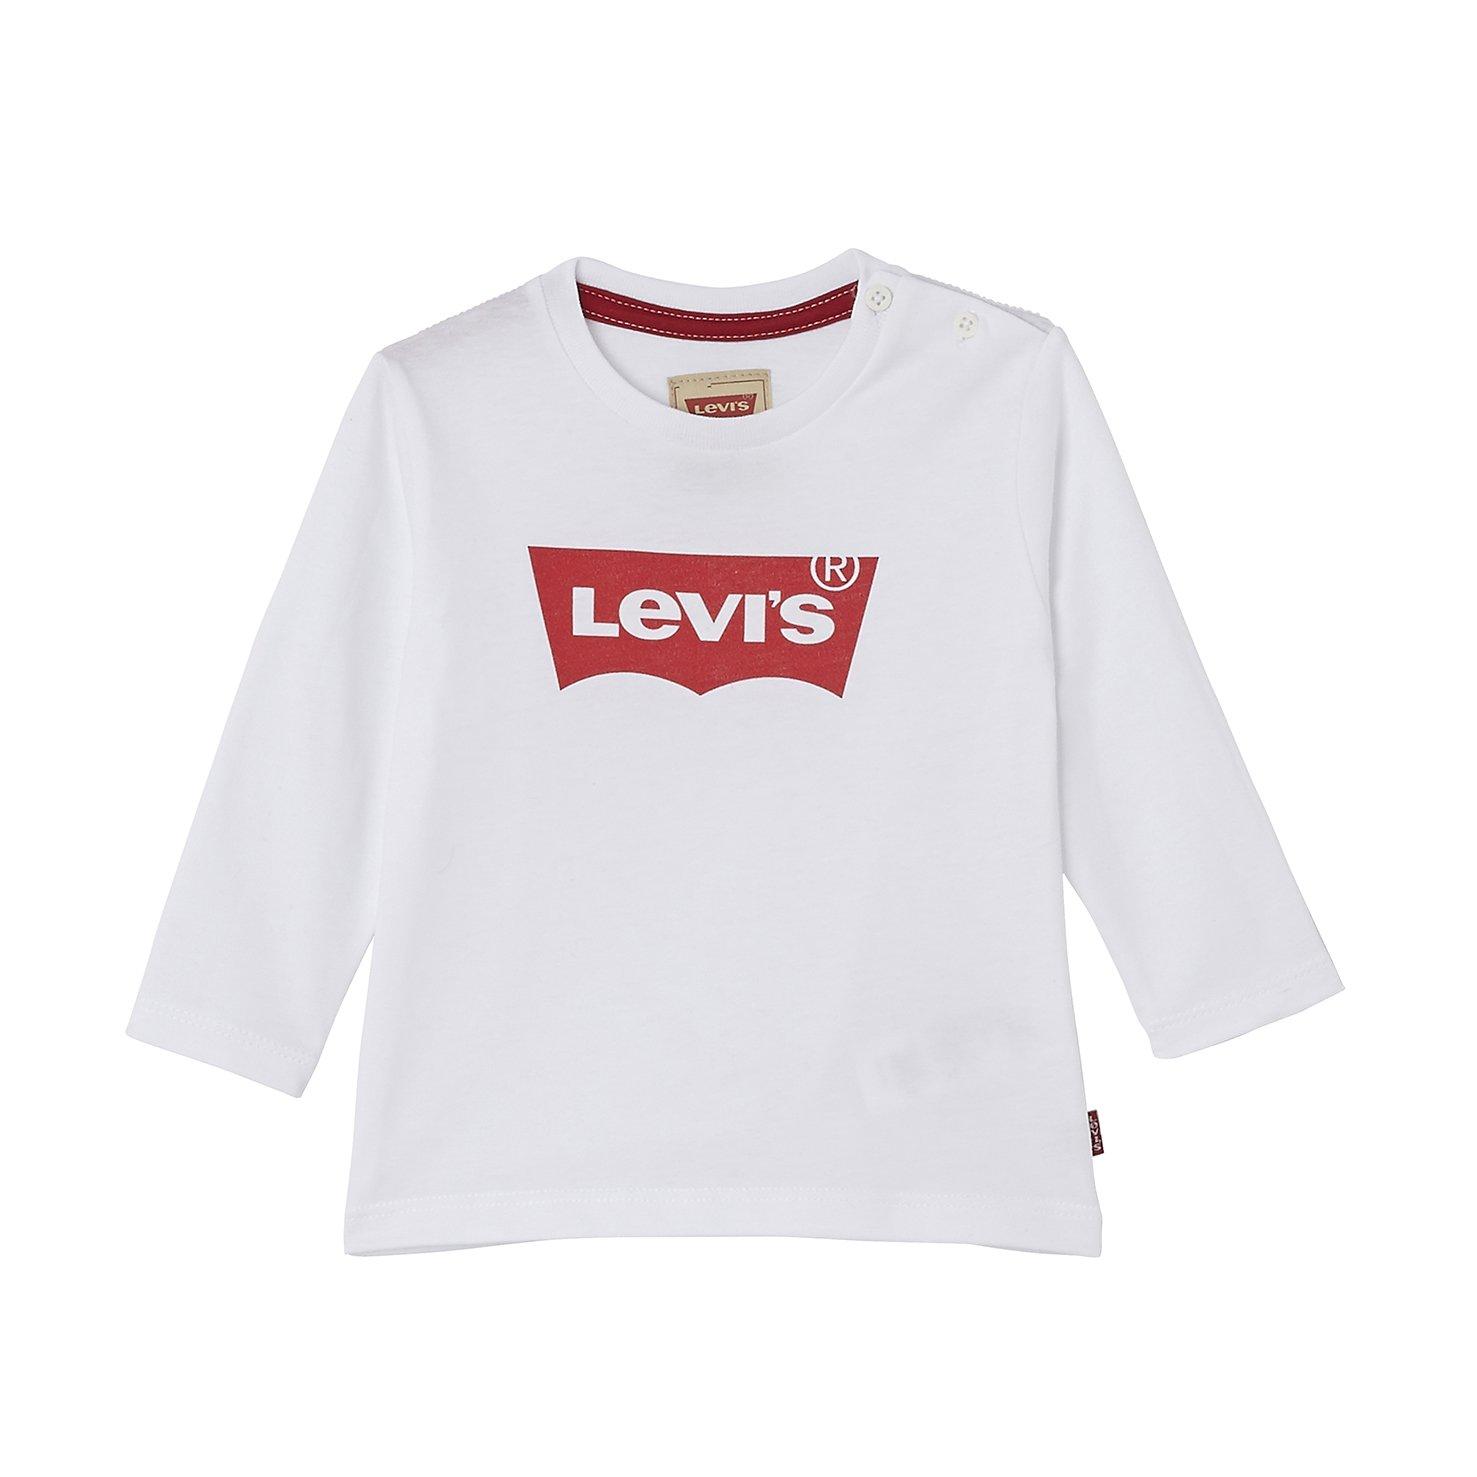 071b6ac36f Levi s kids Camiseta de Manga Larga Unisex bebé Levi s Kids NL10204